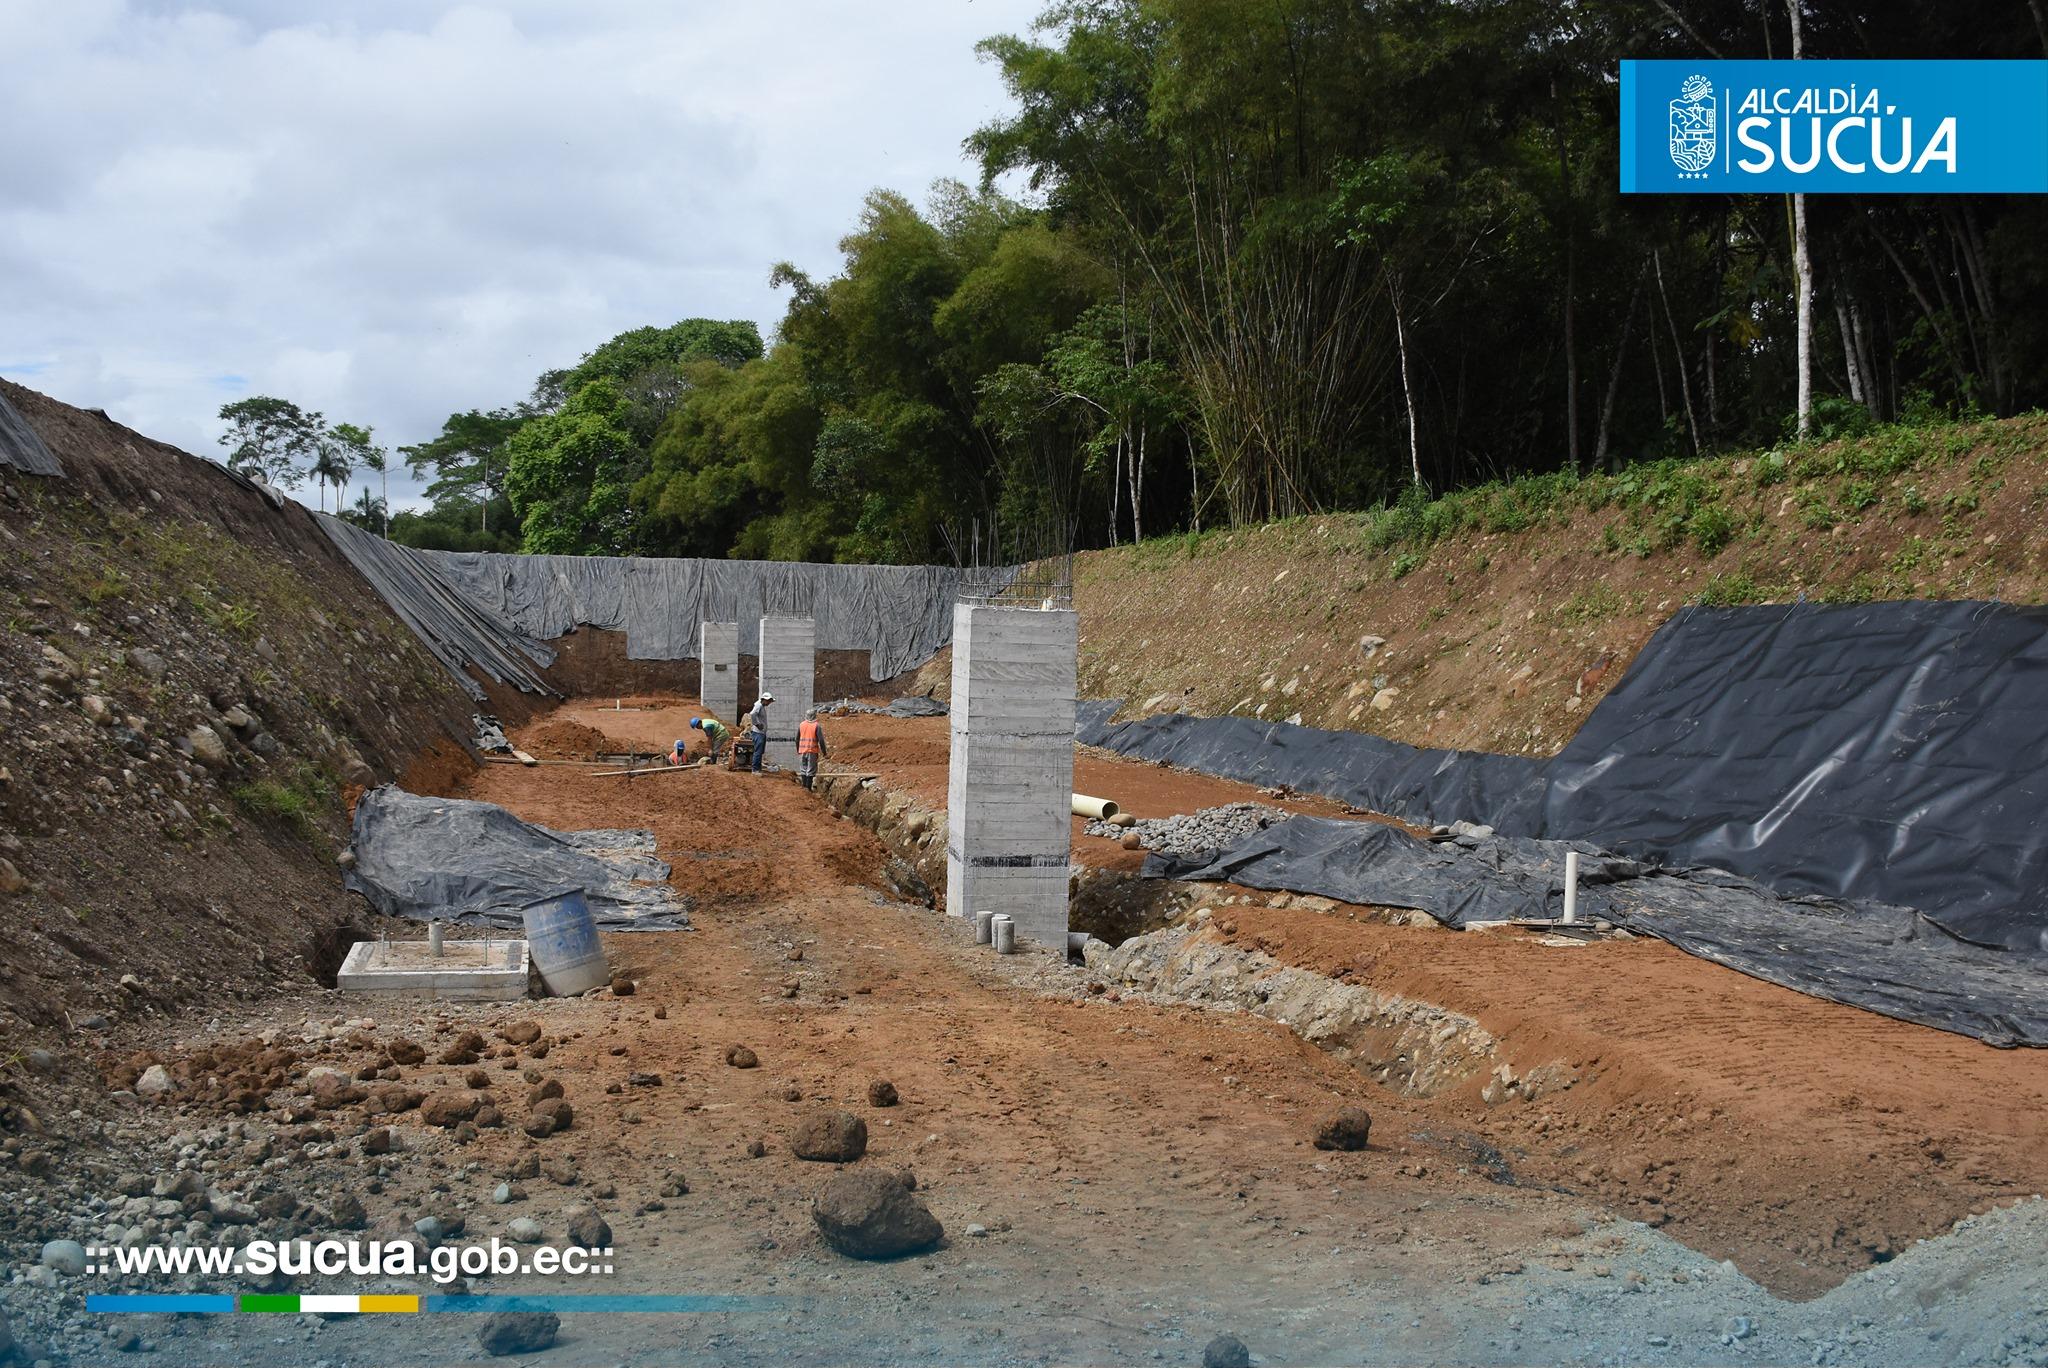 Obras para Sucúa – construcción 1ra. etapa de relleno sanitario